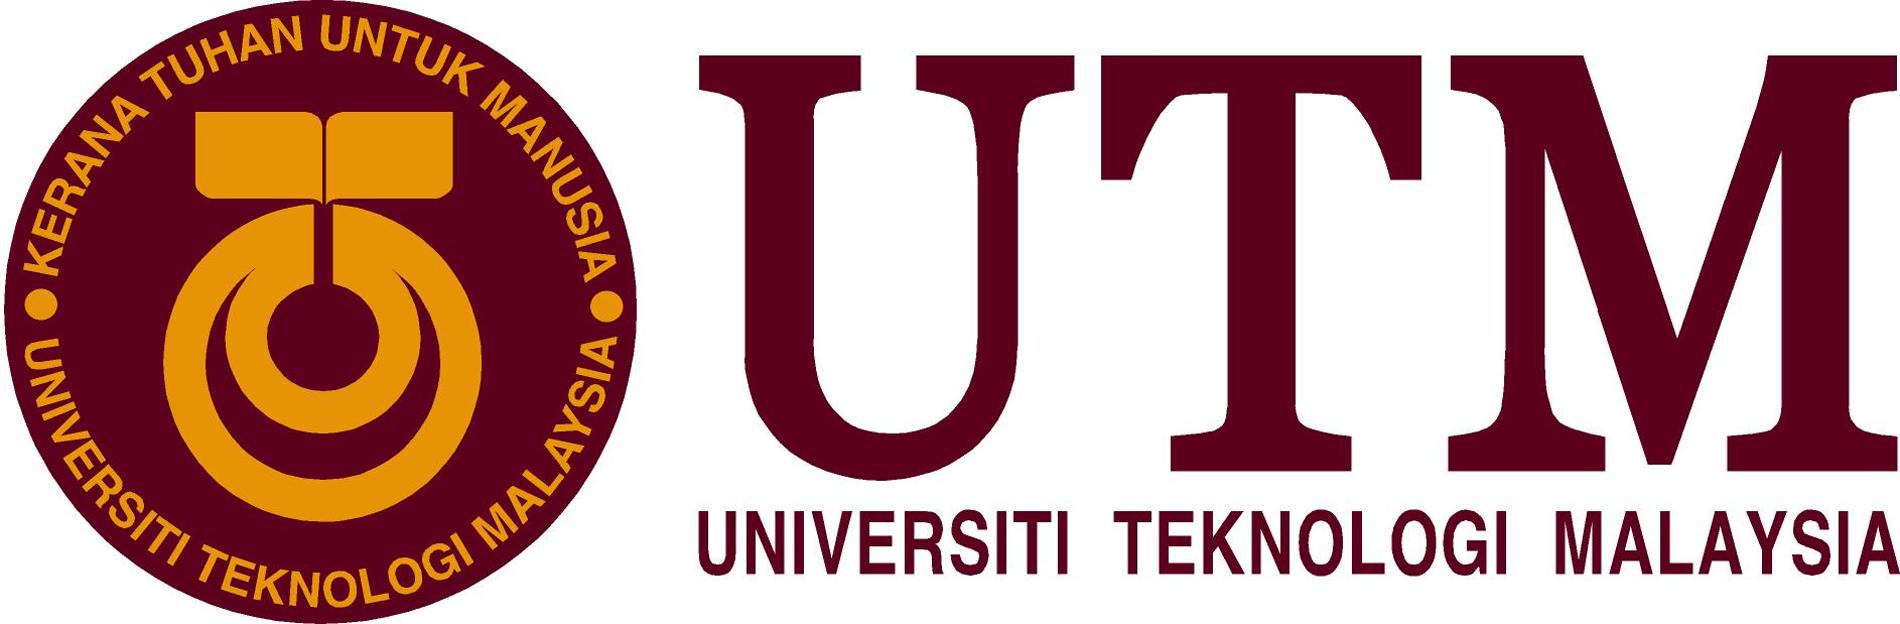 University of Technology Malaysia - UTM-logo